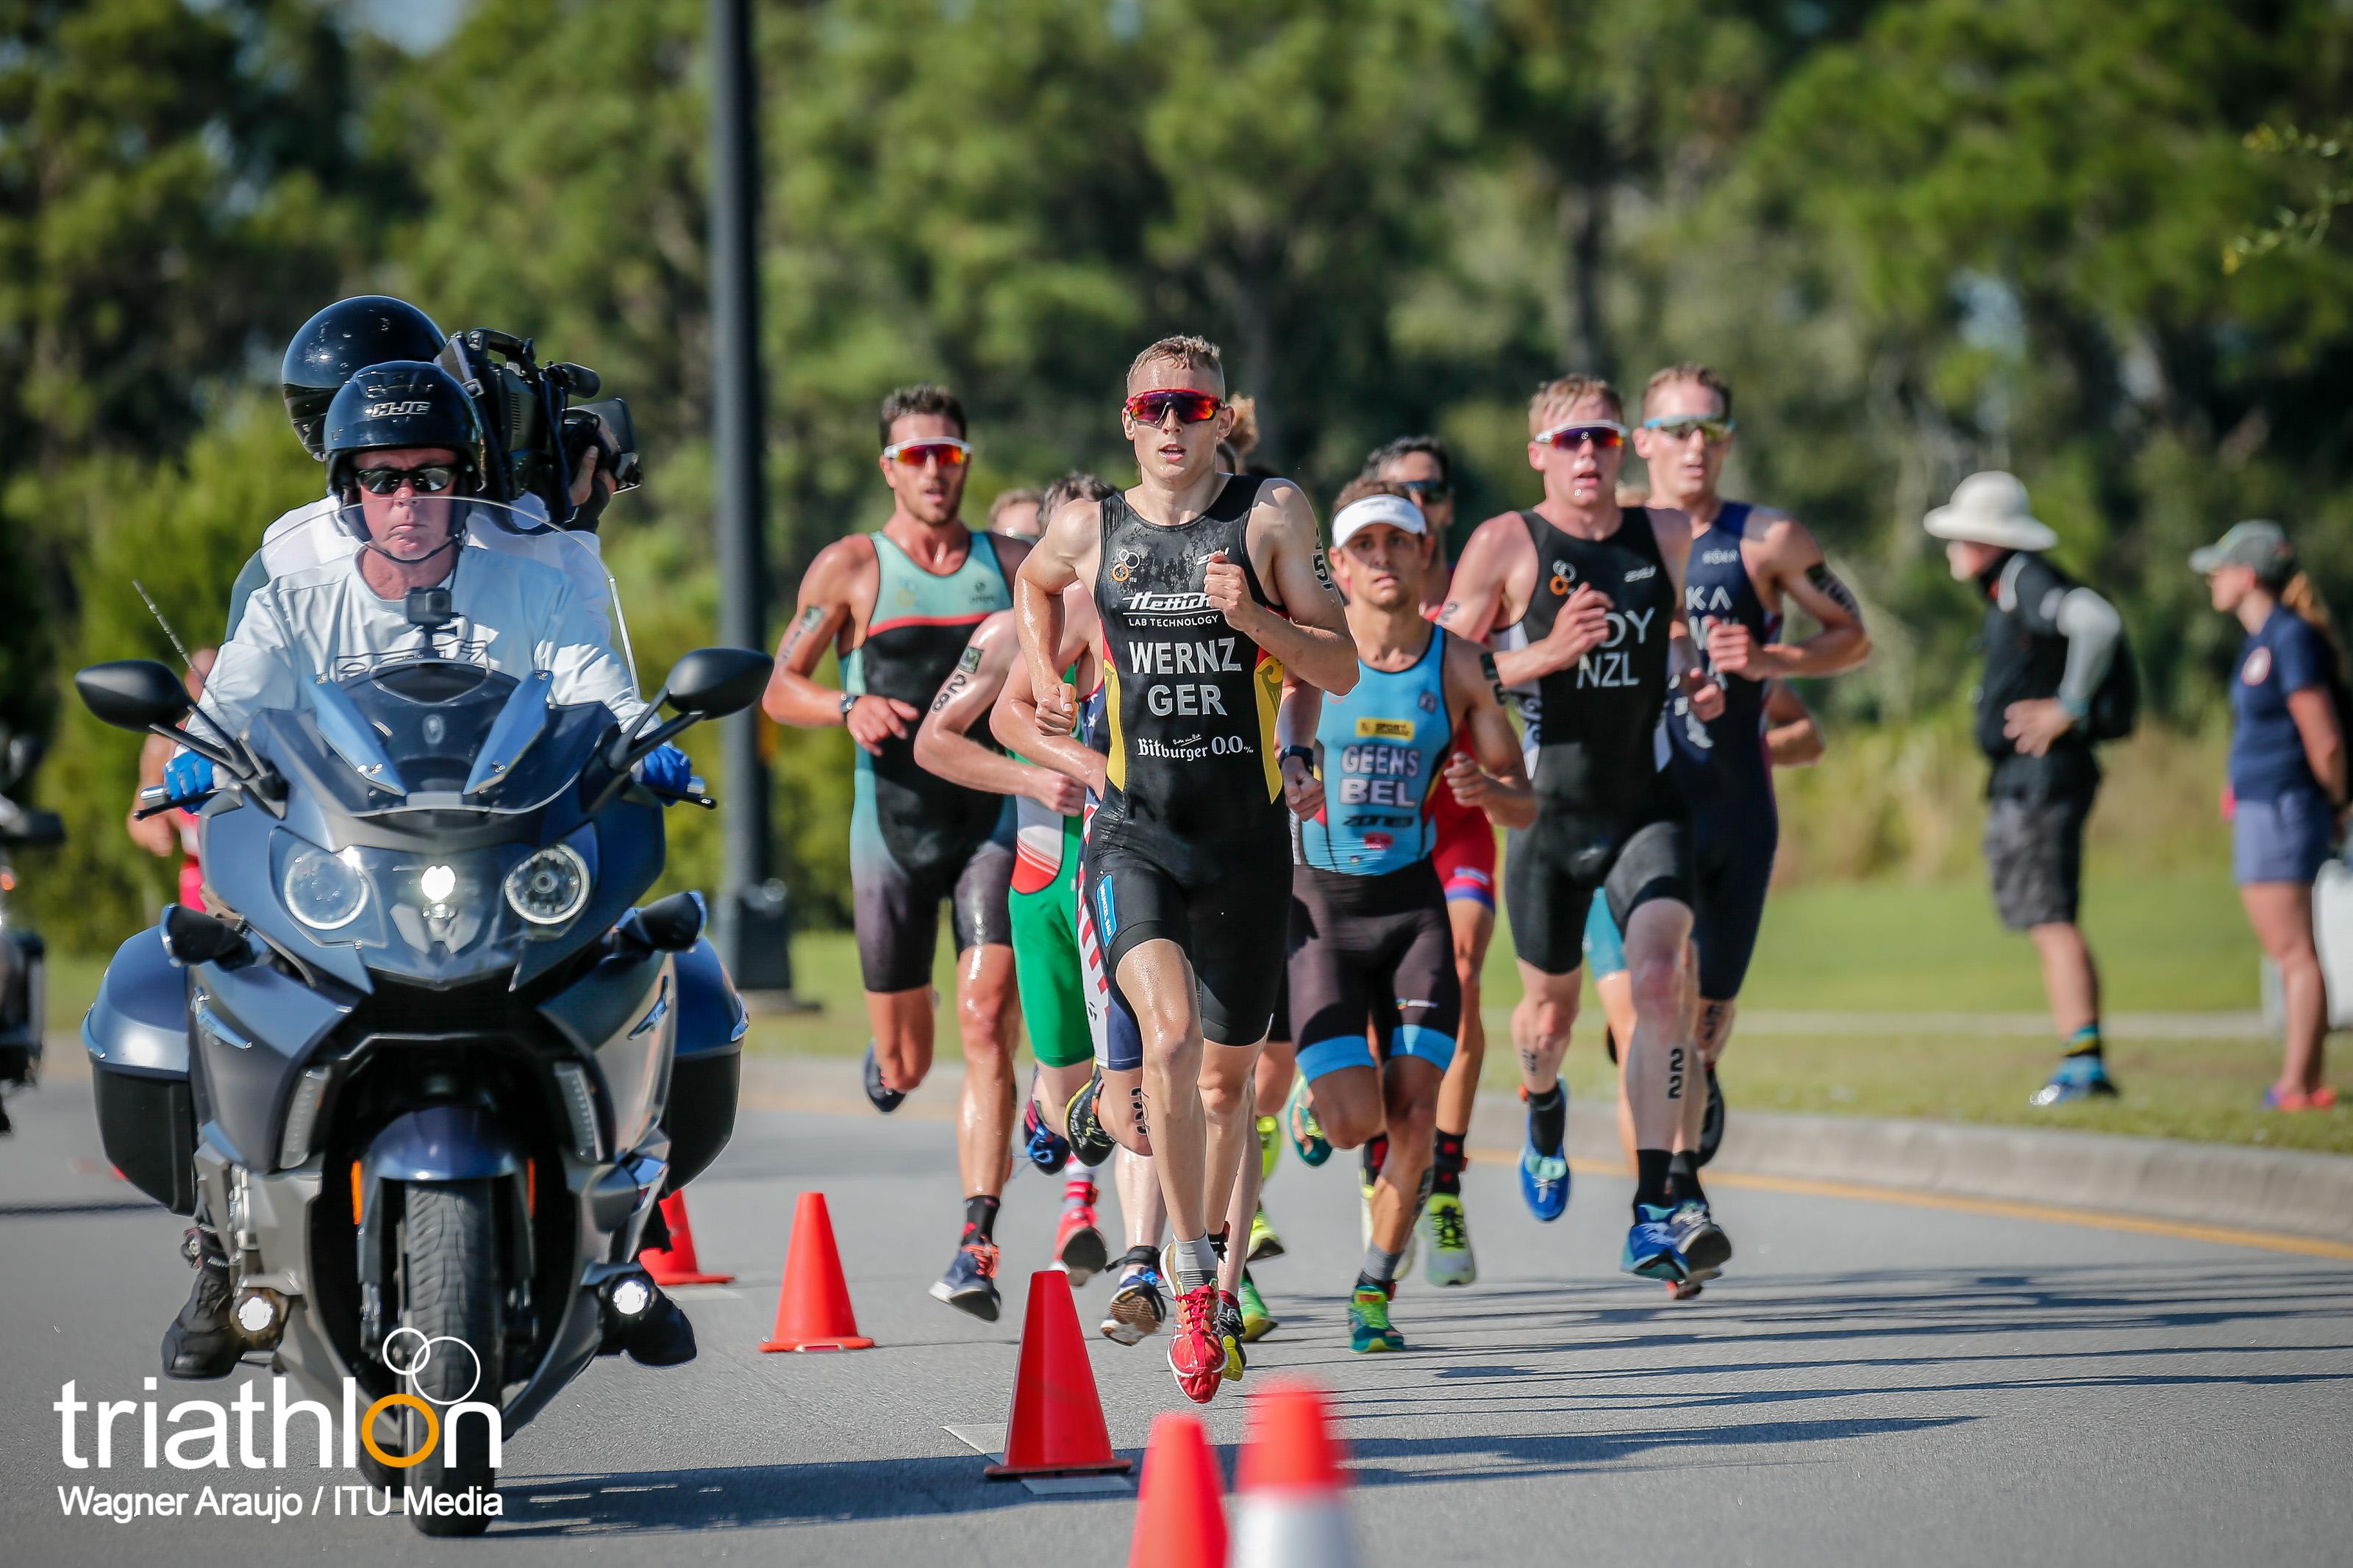 Tomlin and Luis Dominate Sarasota World Cup Duathlon race